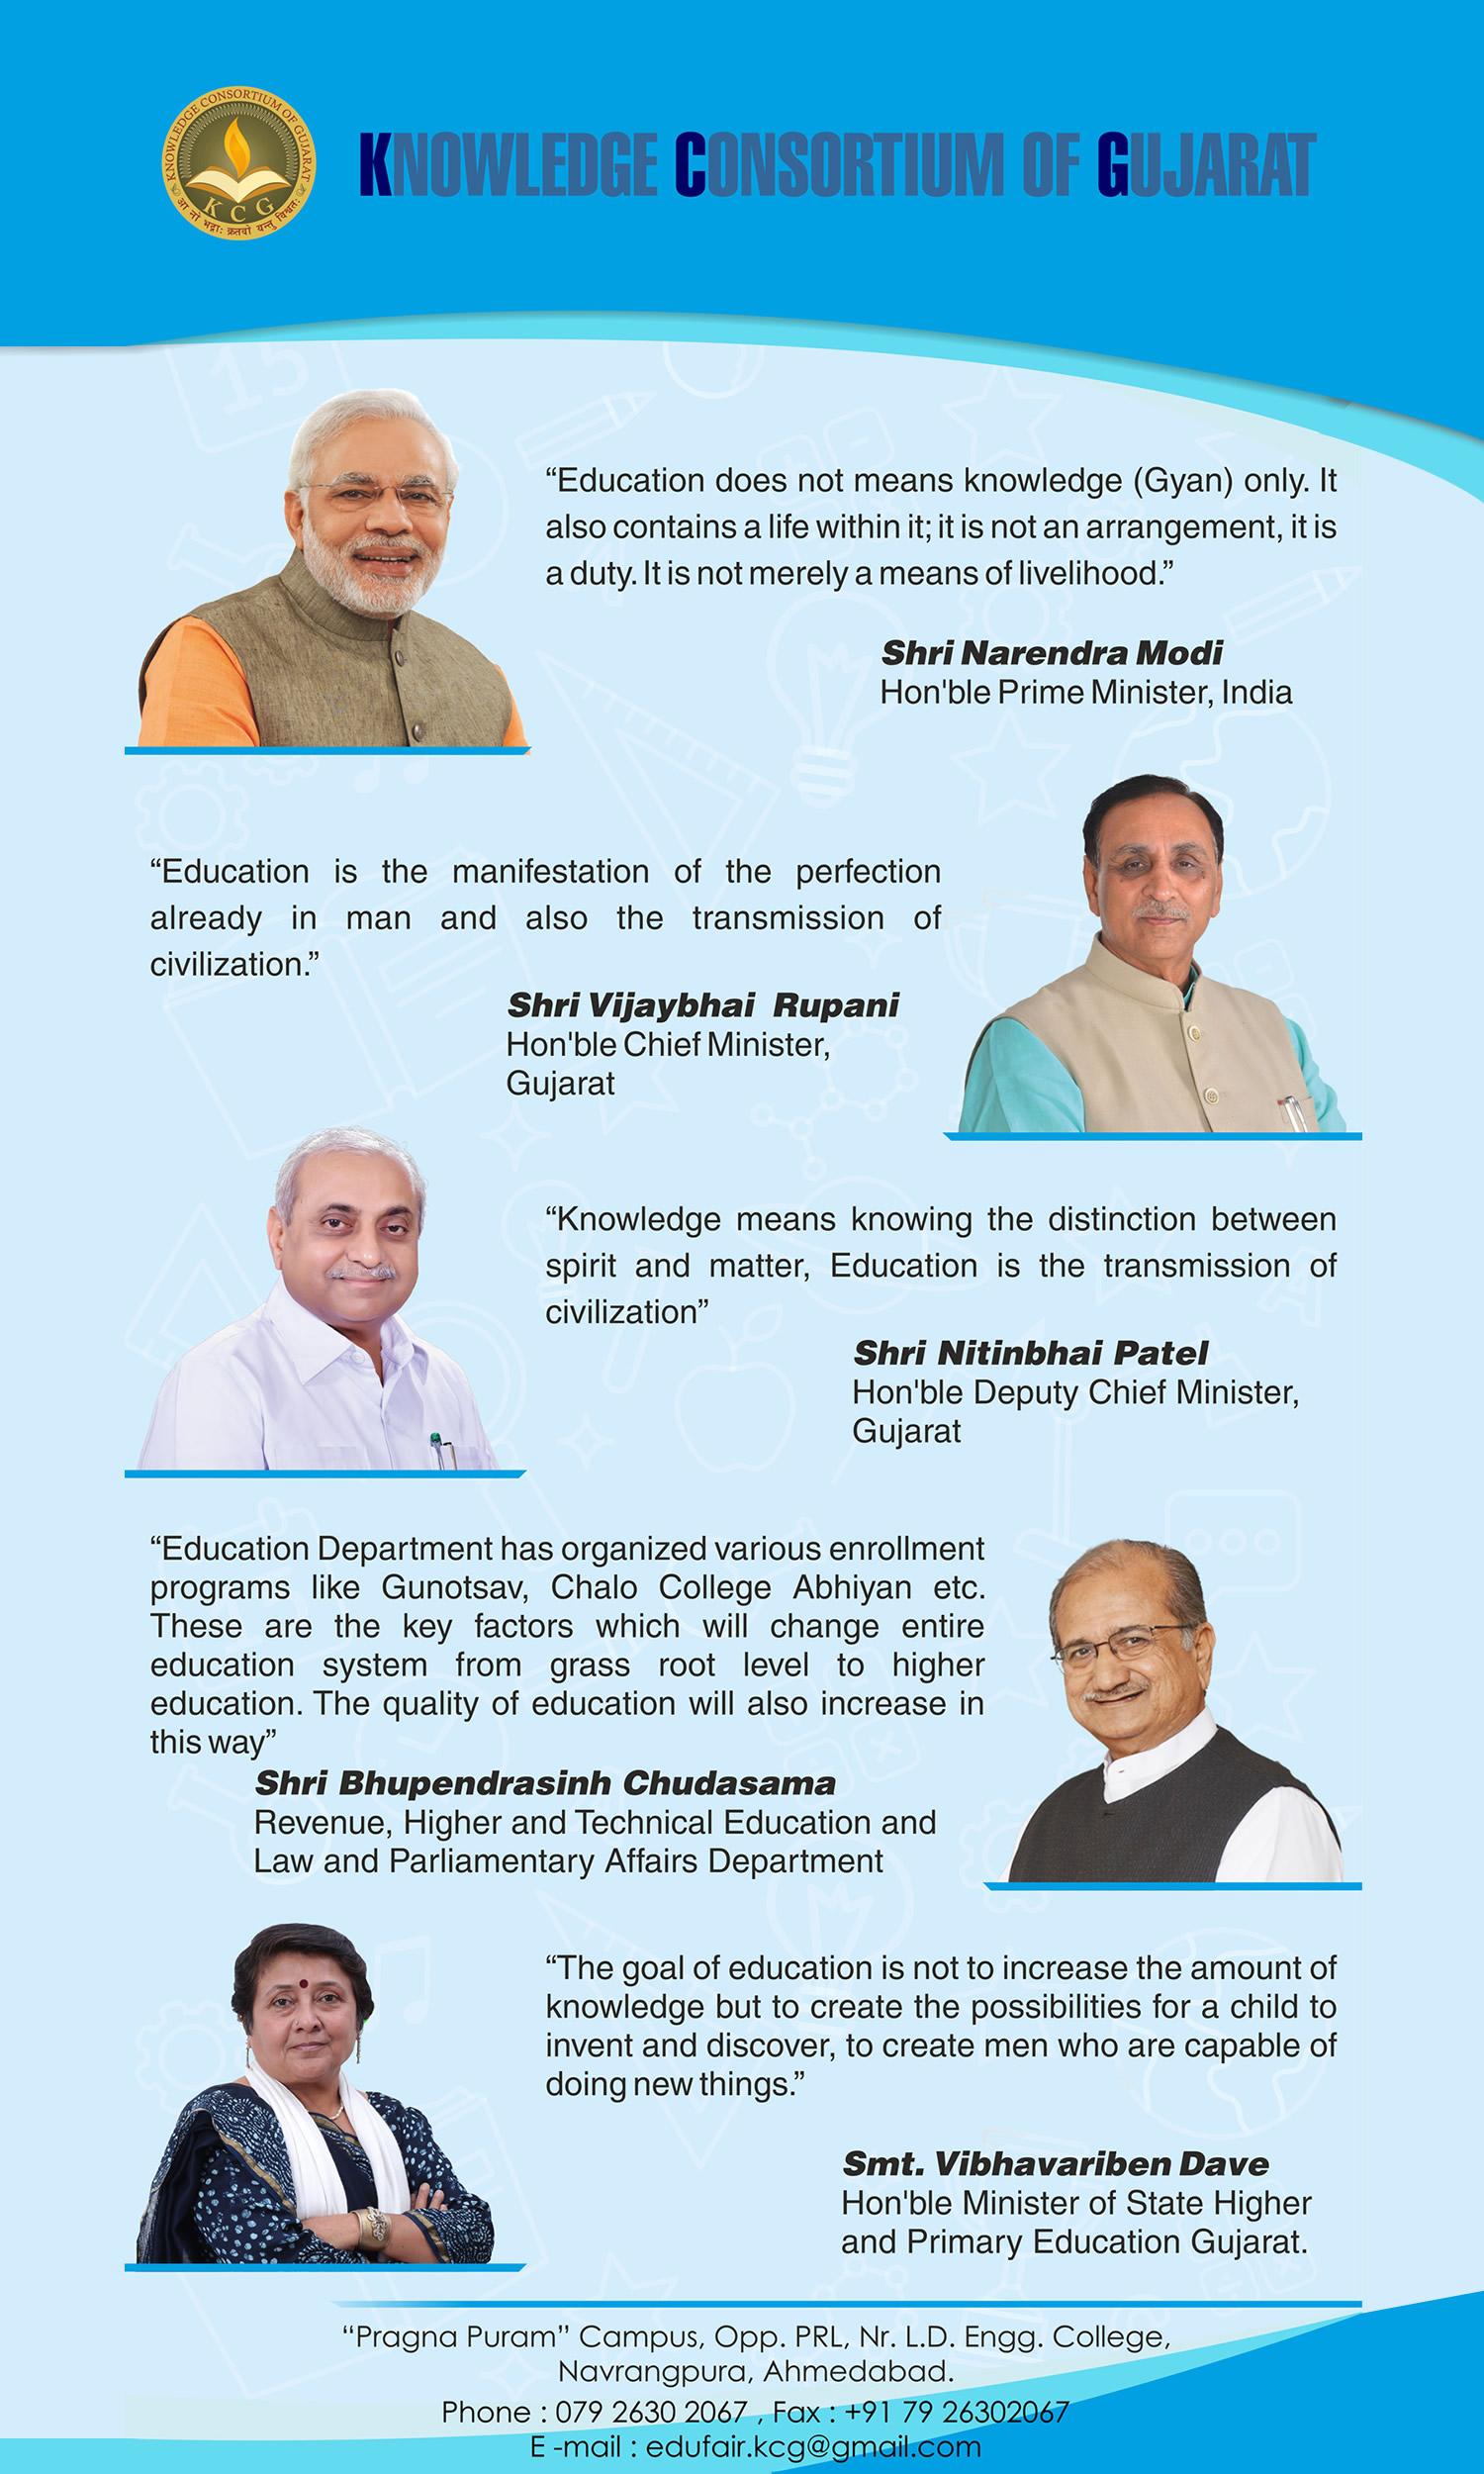 Knowledge Consortium of Gujarat Image